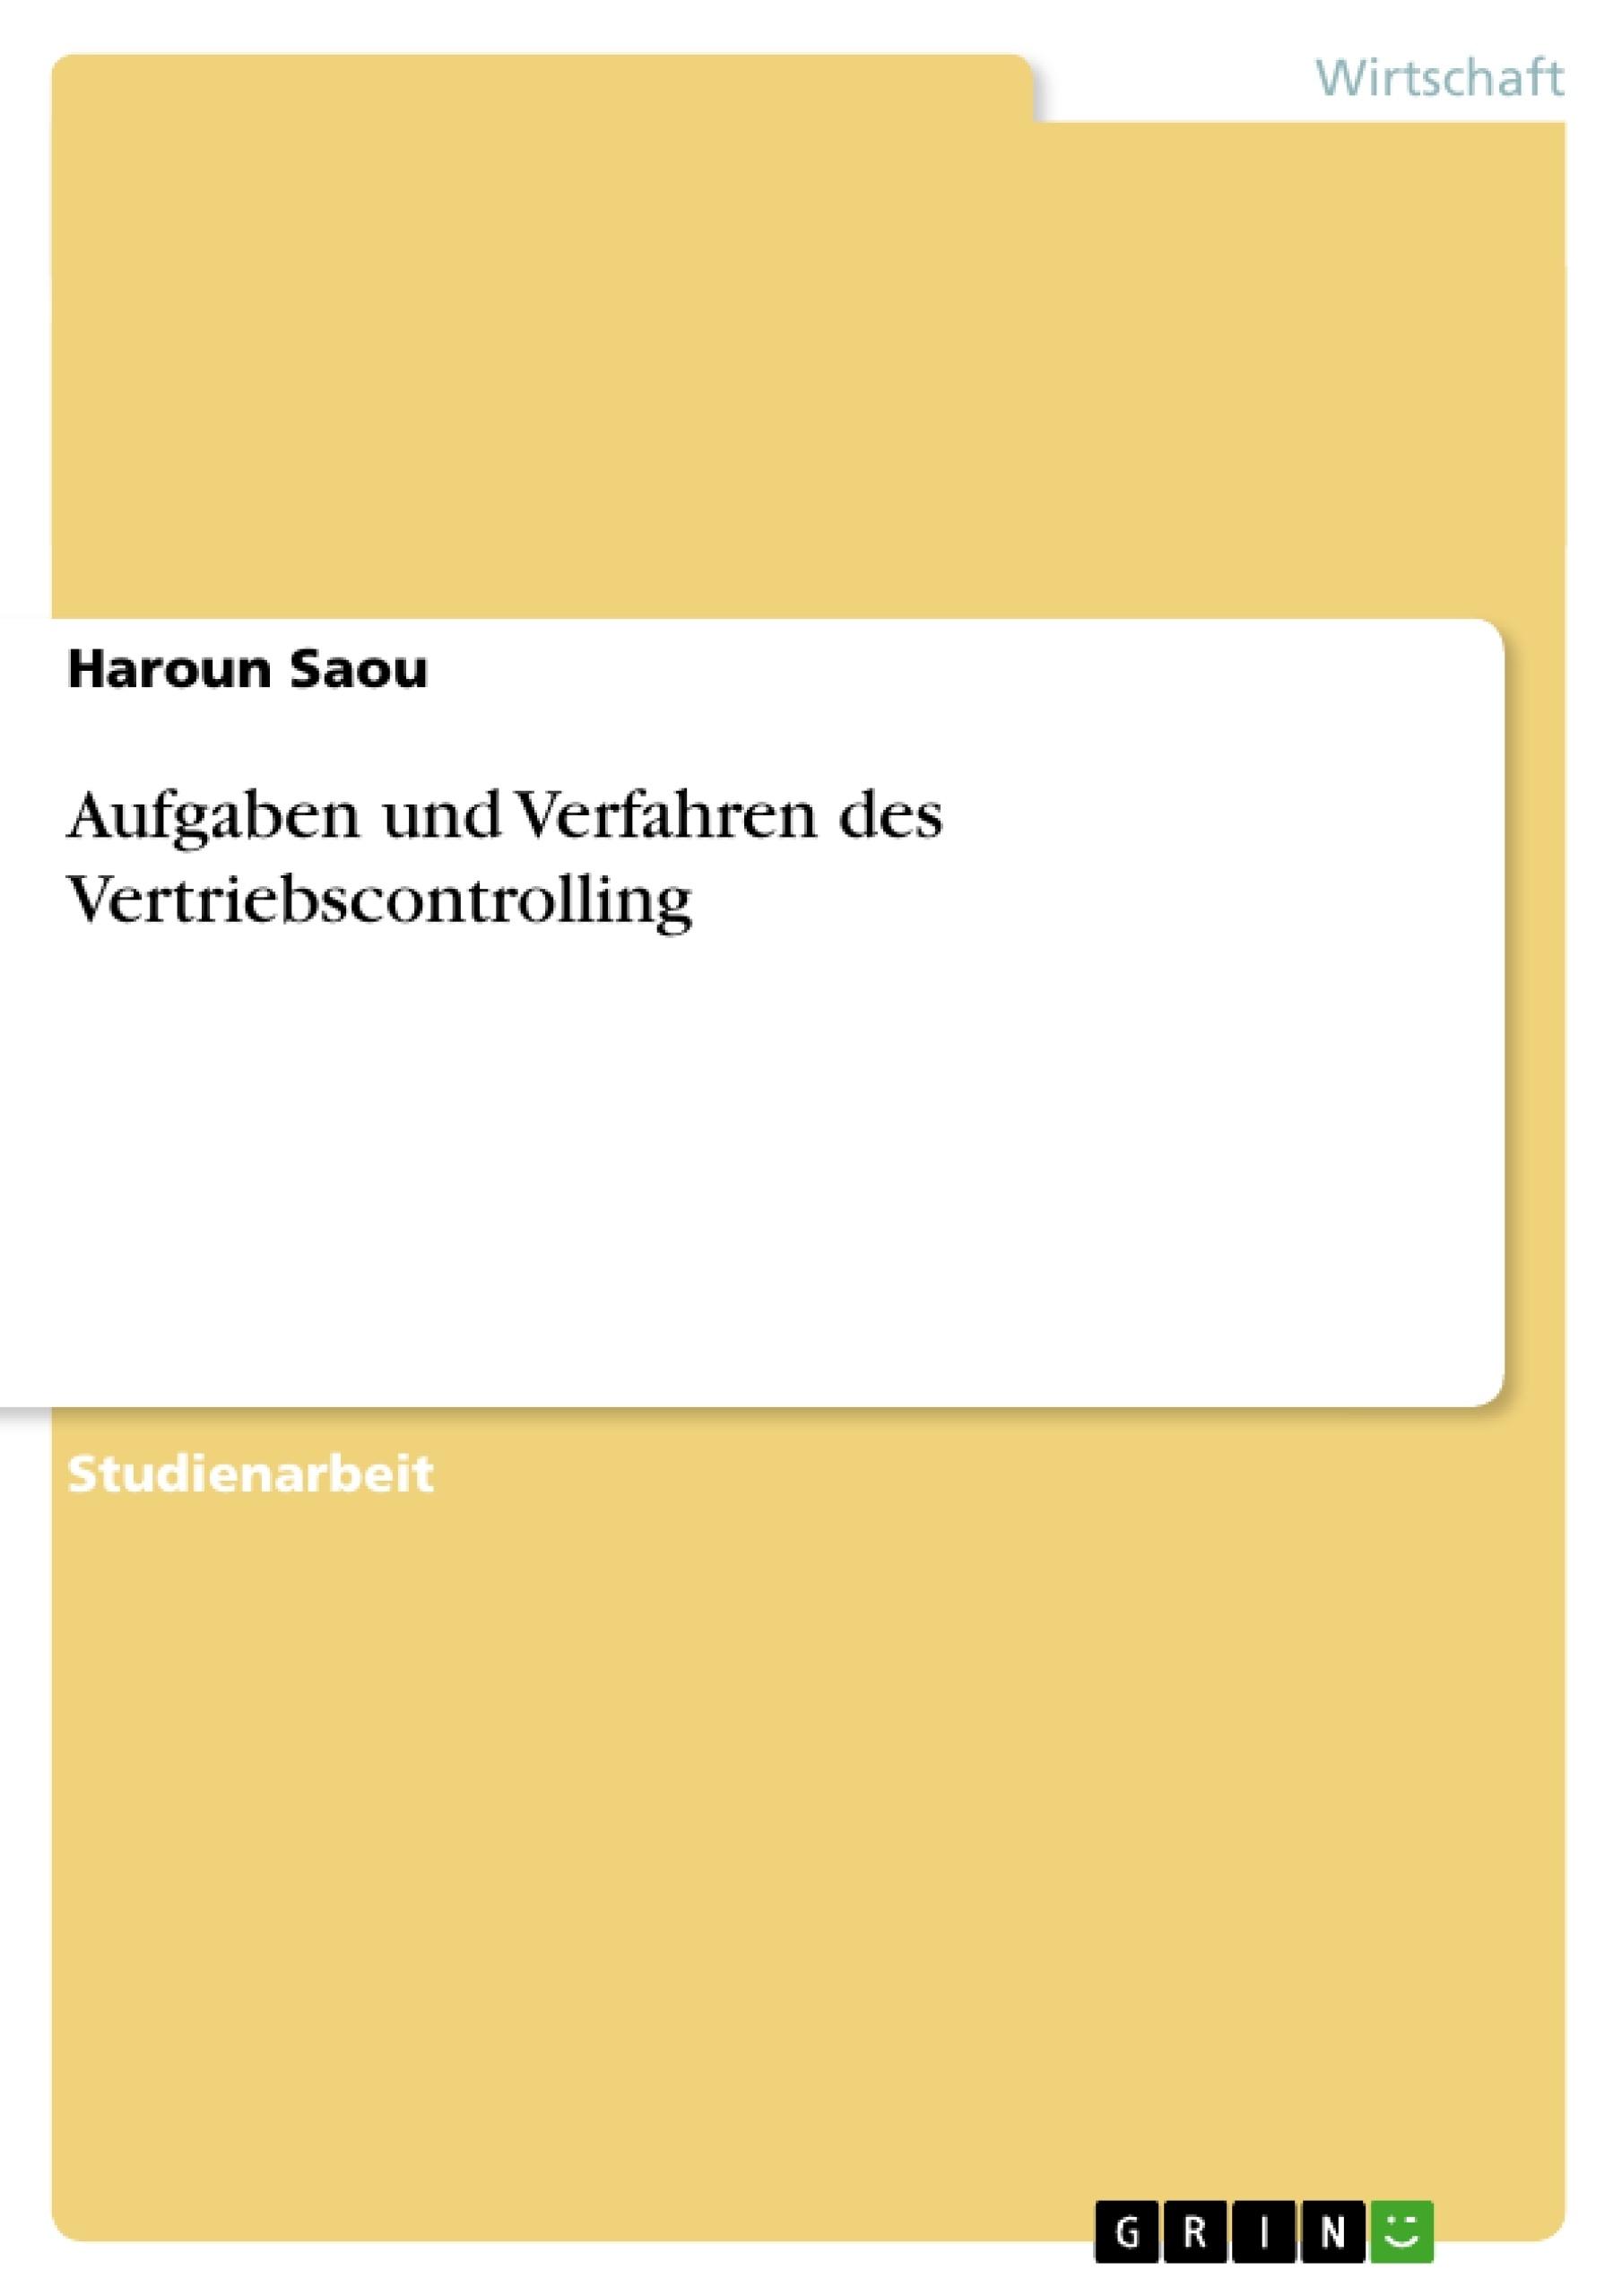 Titel: Aufgaben und Verfahren des Vertriebscontrolling